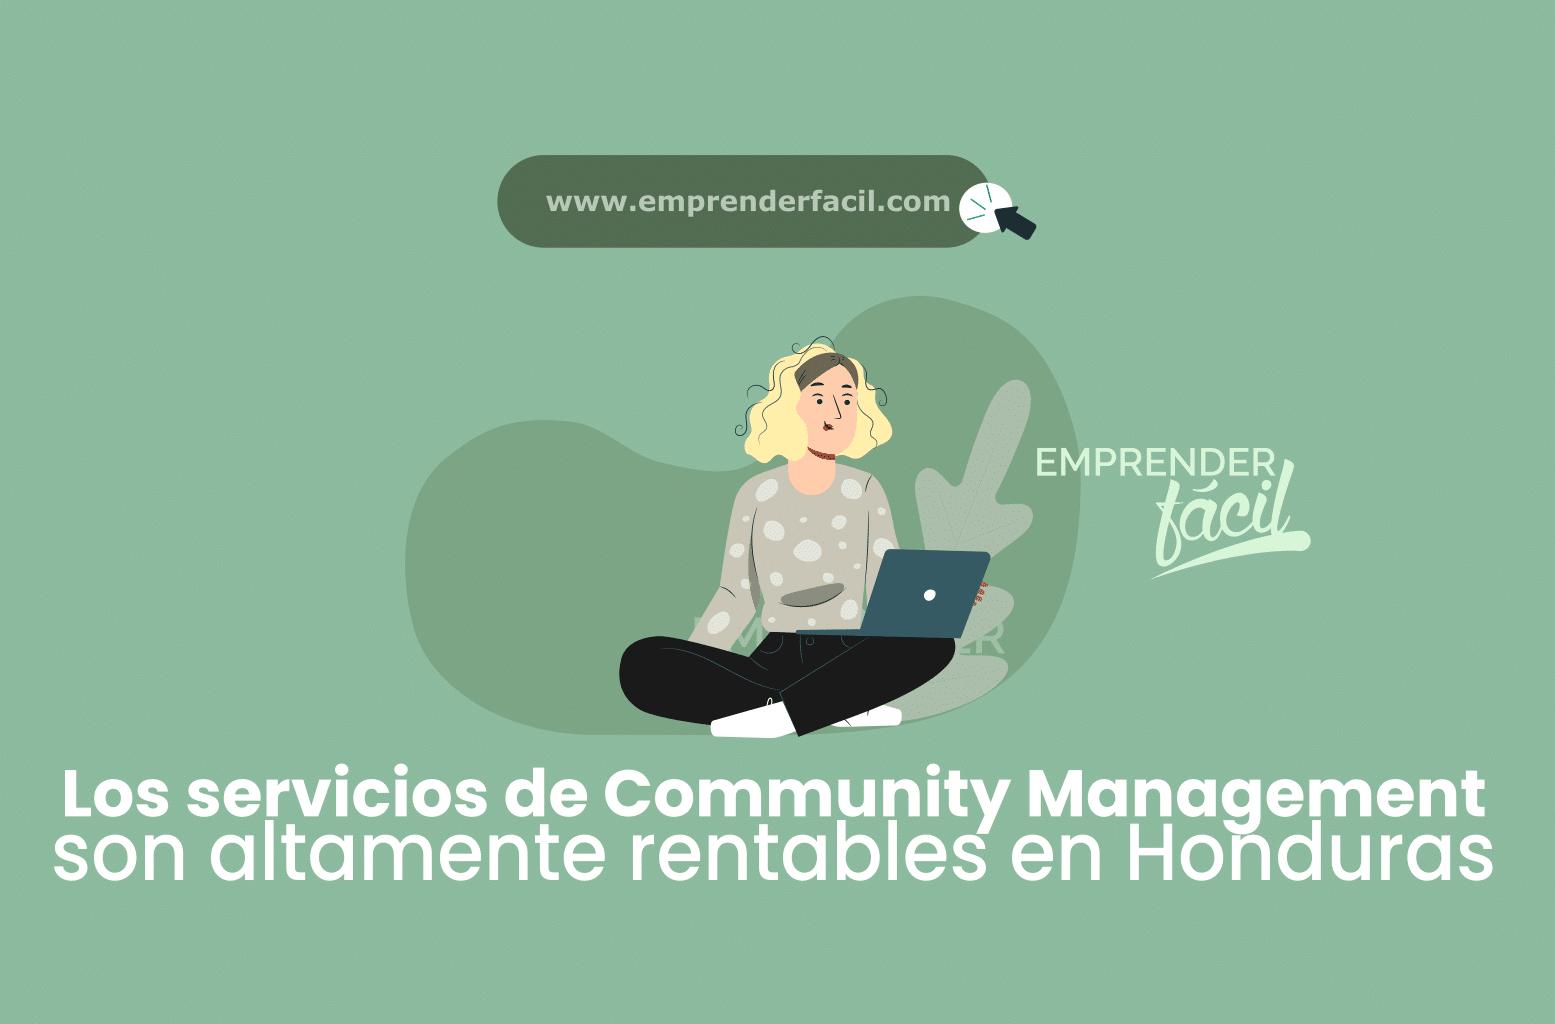 Ofrece tus servicios como Community Manager uno de los negocios rentables en San Pedro Sula